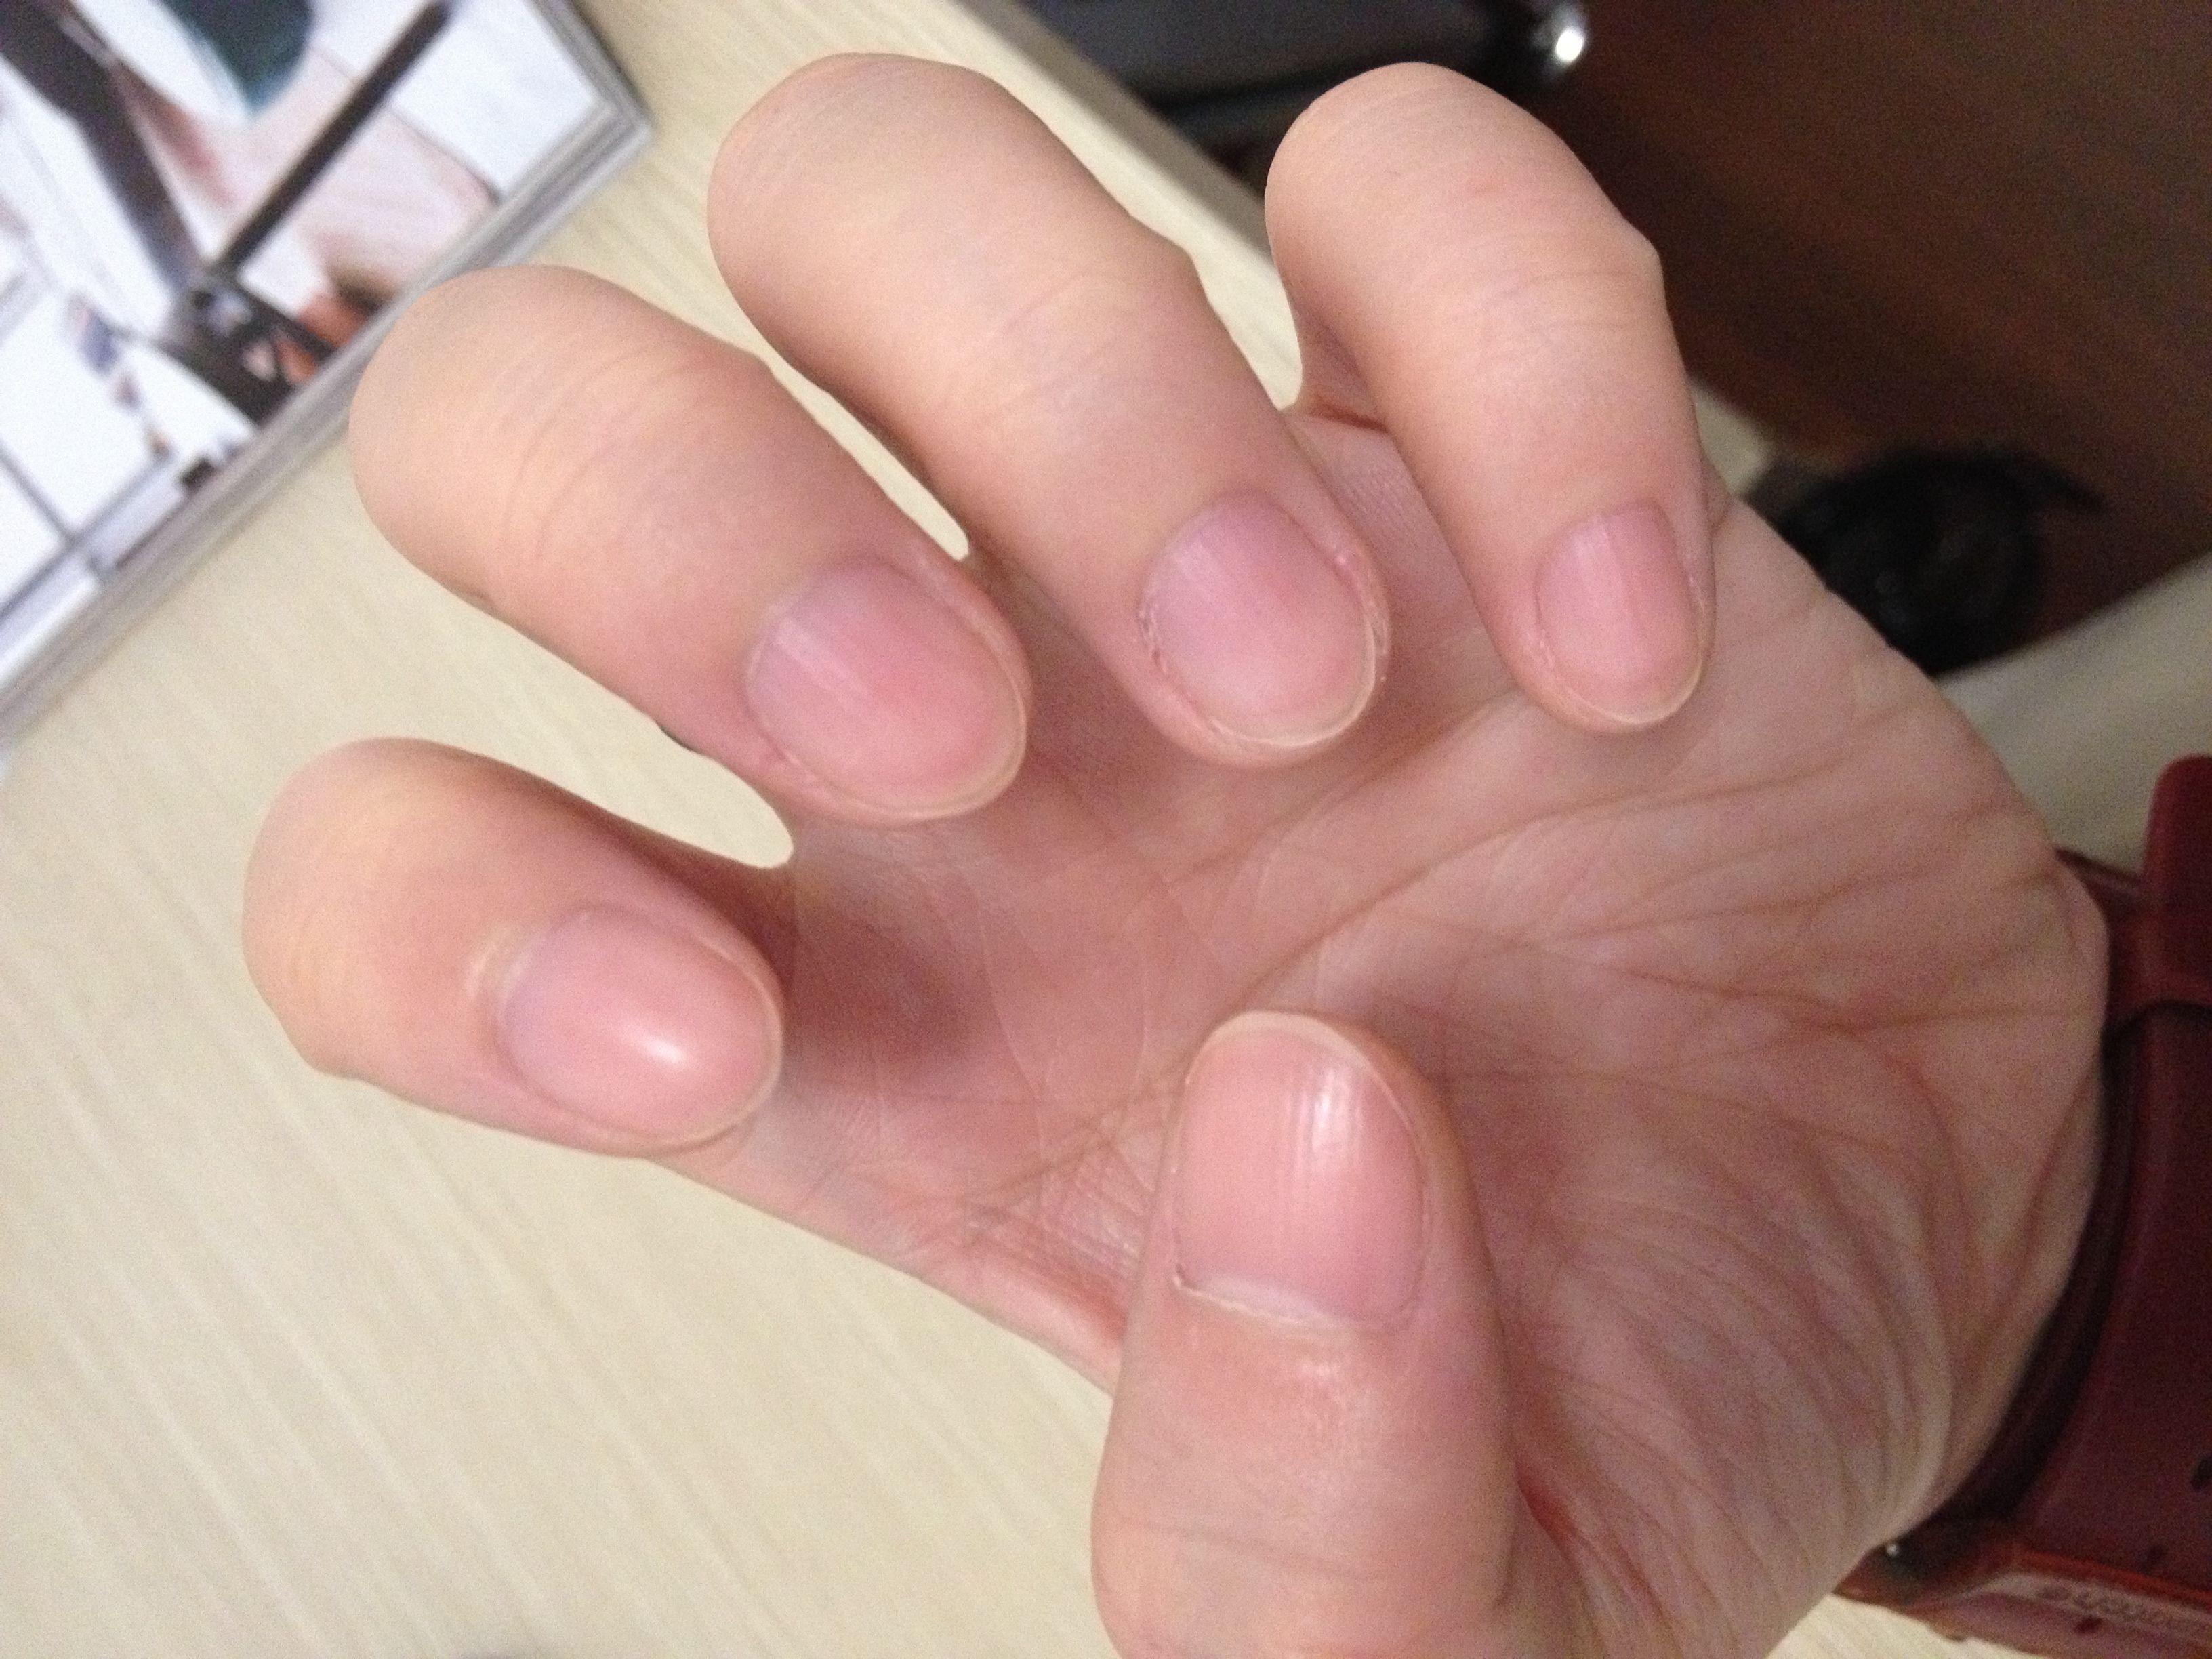 请问这样子的指甲修怎么样的形状好看呢